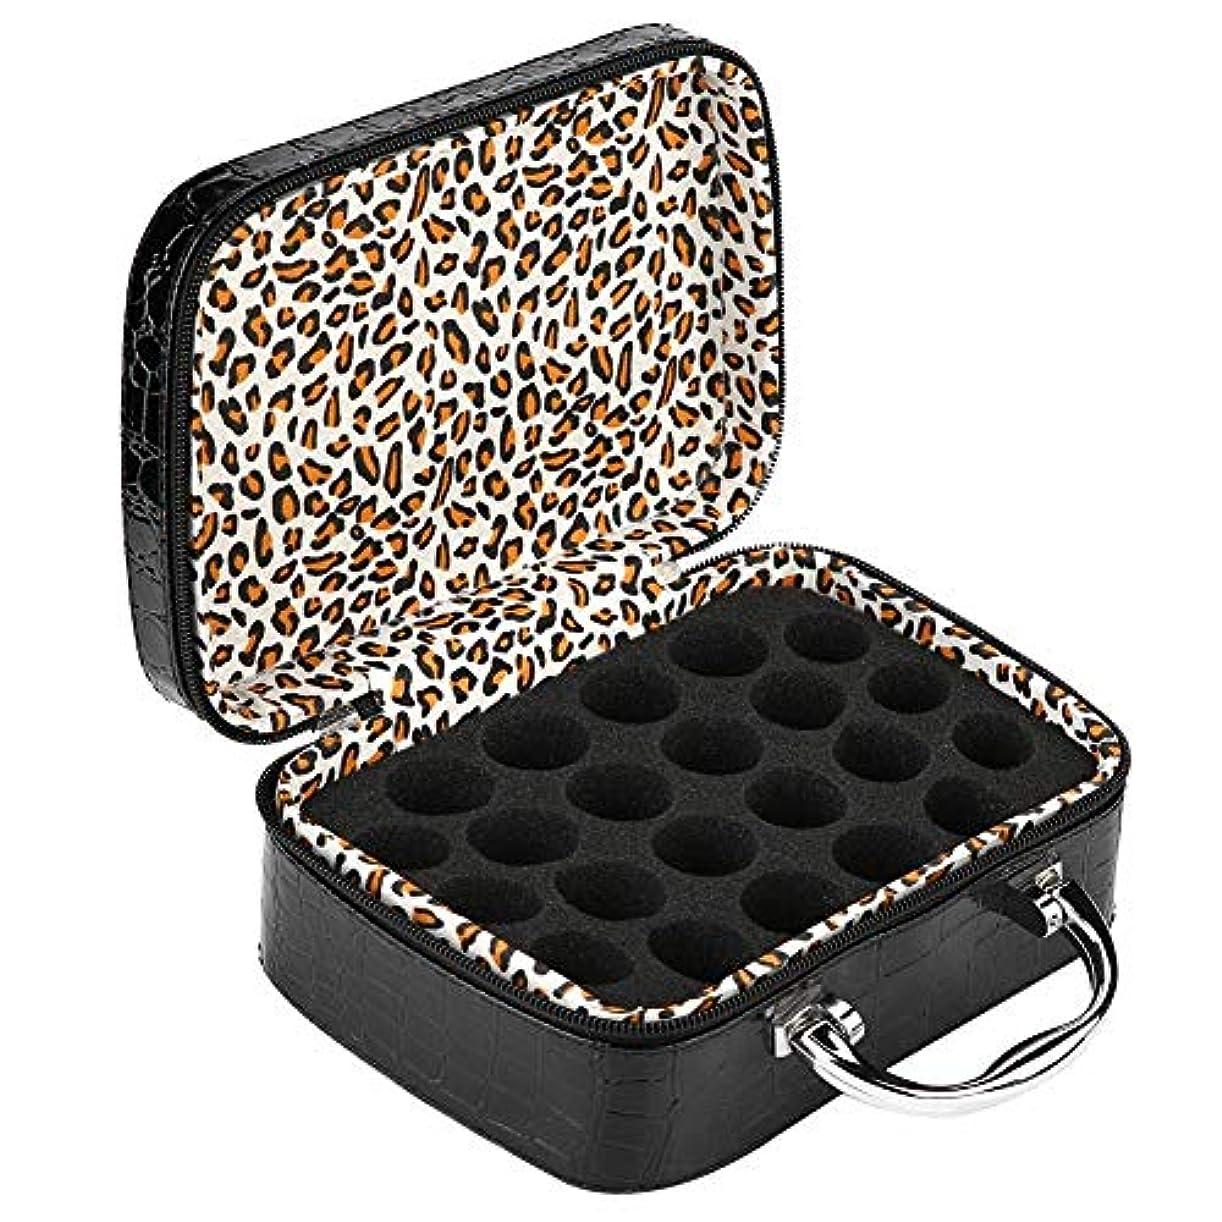 つぼみ洗練方法Salinr アロマポーチ エッセンシャルオイル ケース 携帯用 エッセンシャルオイル収納ボックス アロマケース ボックス 香水収納ケース 15ml アロマオイル収納ボックス 22本用